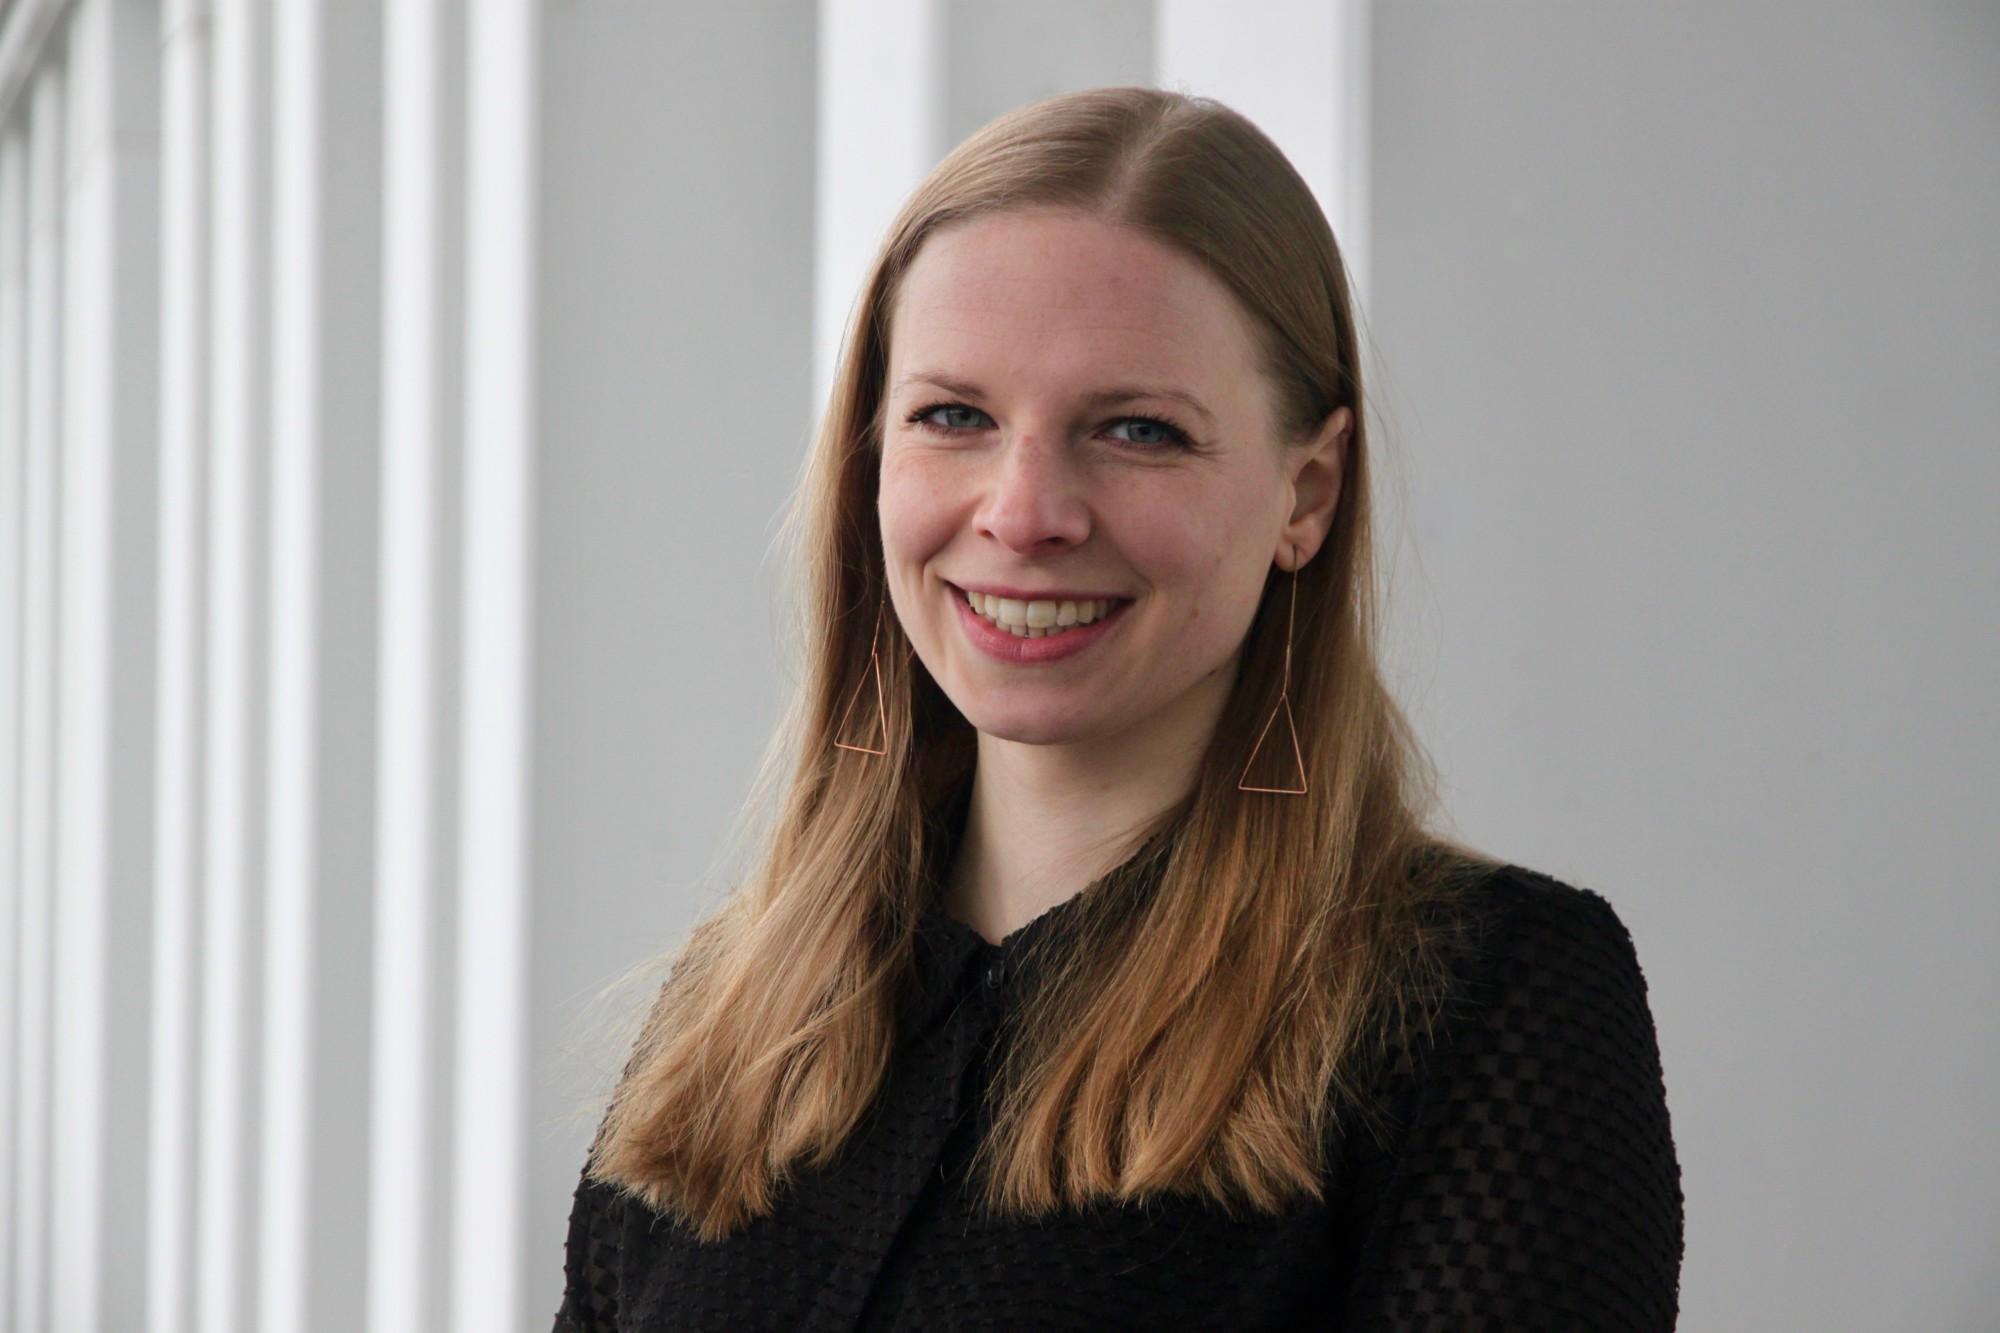 Dr. Eva Seiwert